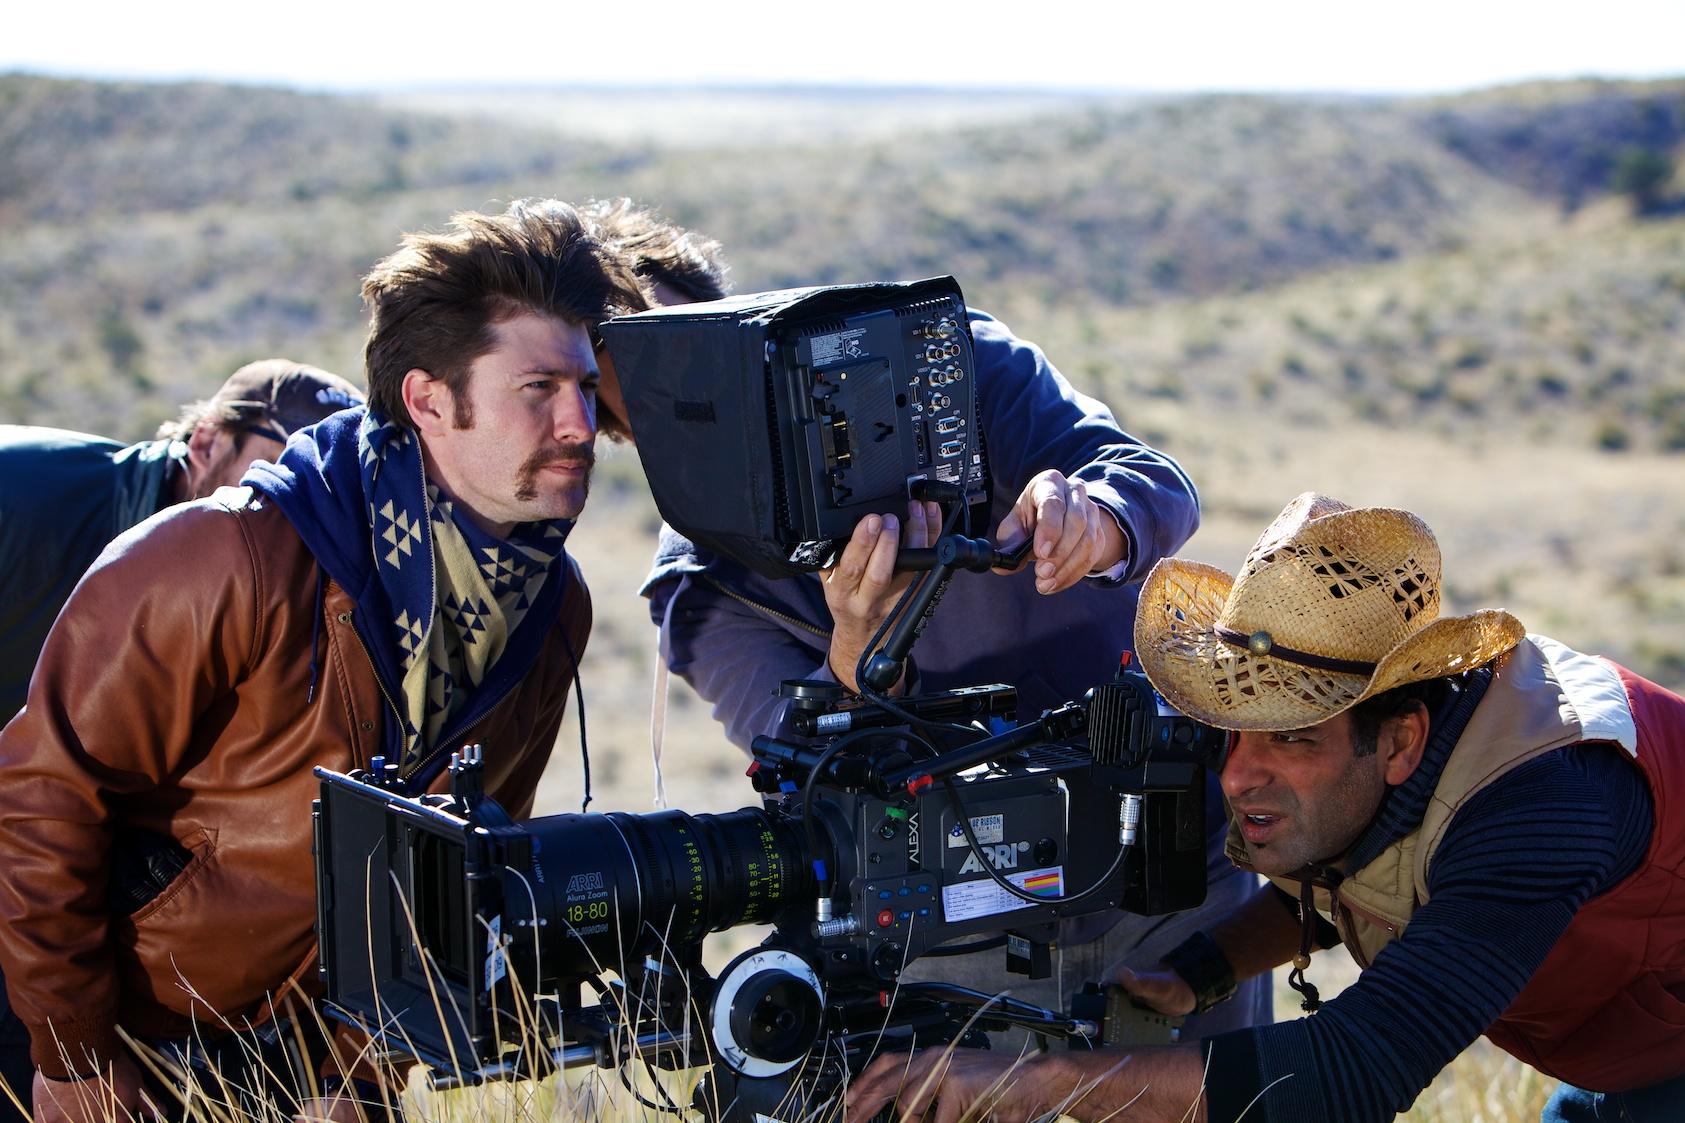 Director David Redish looks at the monitor while DP, Mark David frames apivotalshot in Marfa, Texas.